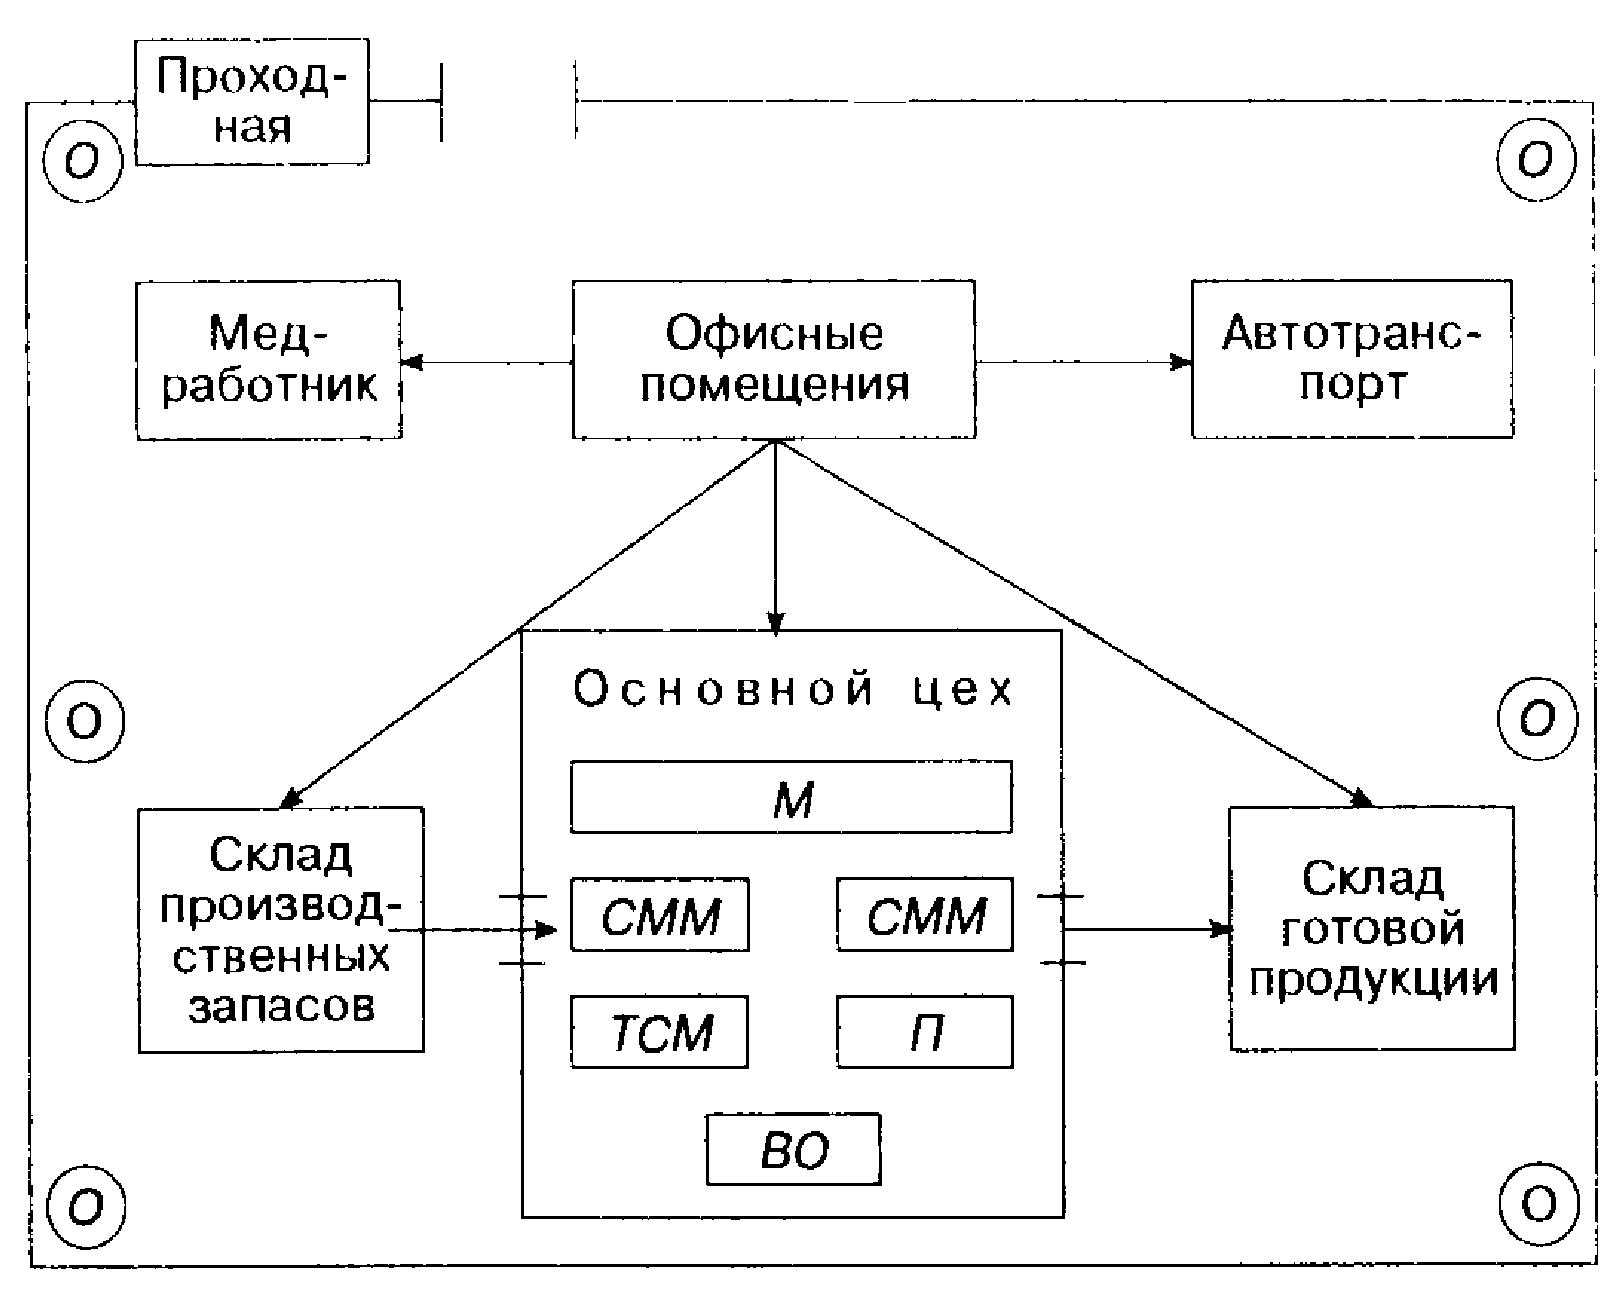 Схема организации производительного процесса